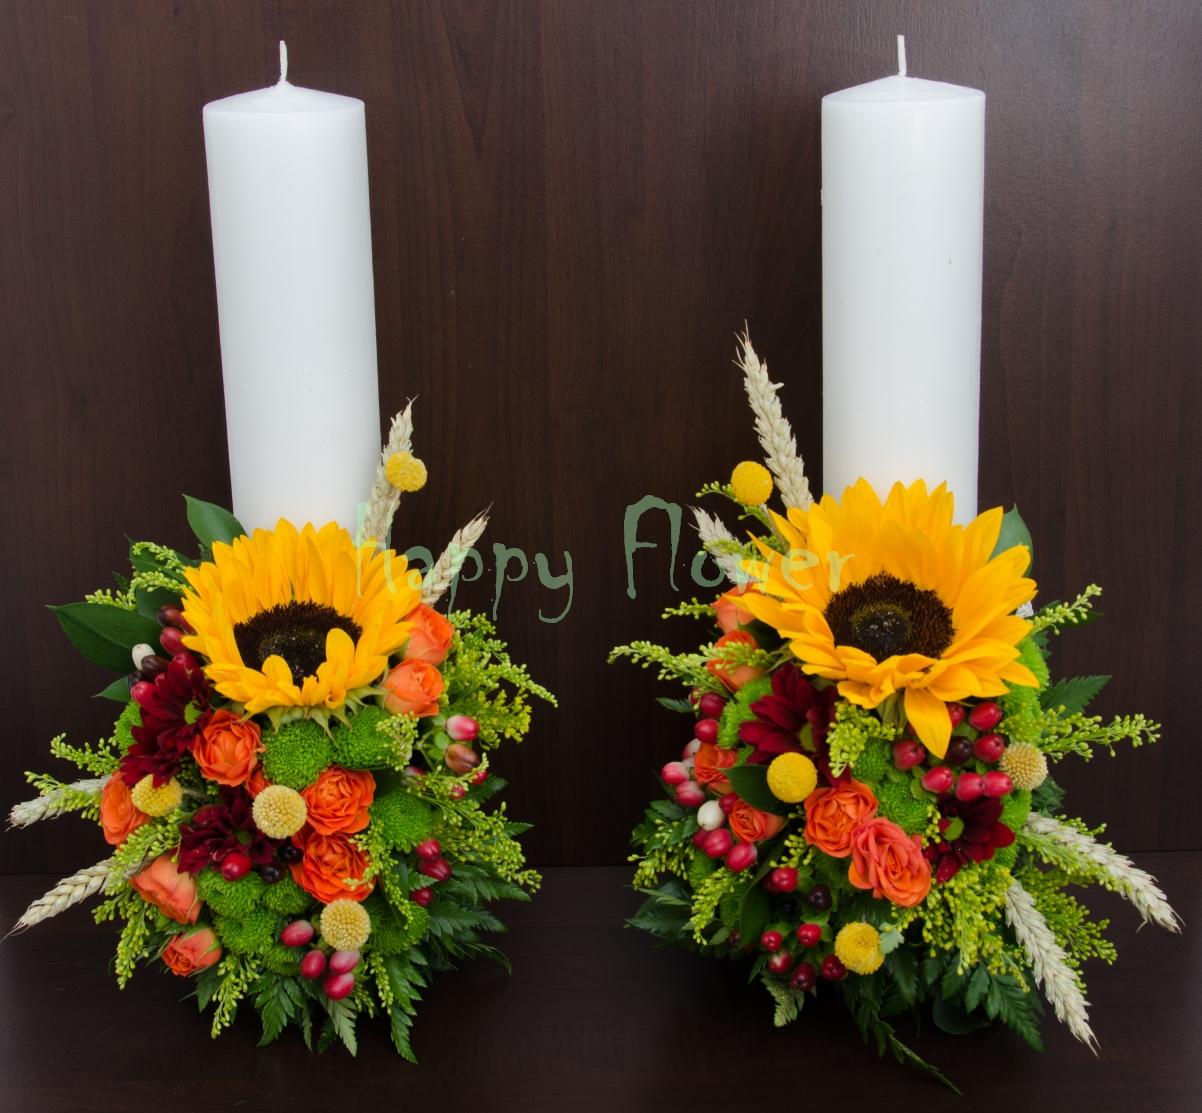 Lumanari Scurte Nunta Floarea Soarelui Si Flori De Camp Happy